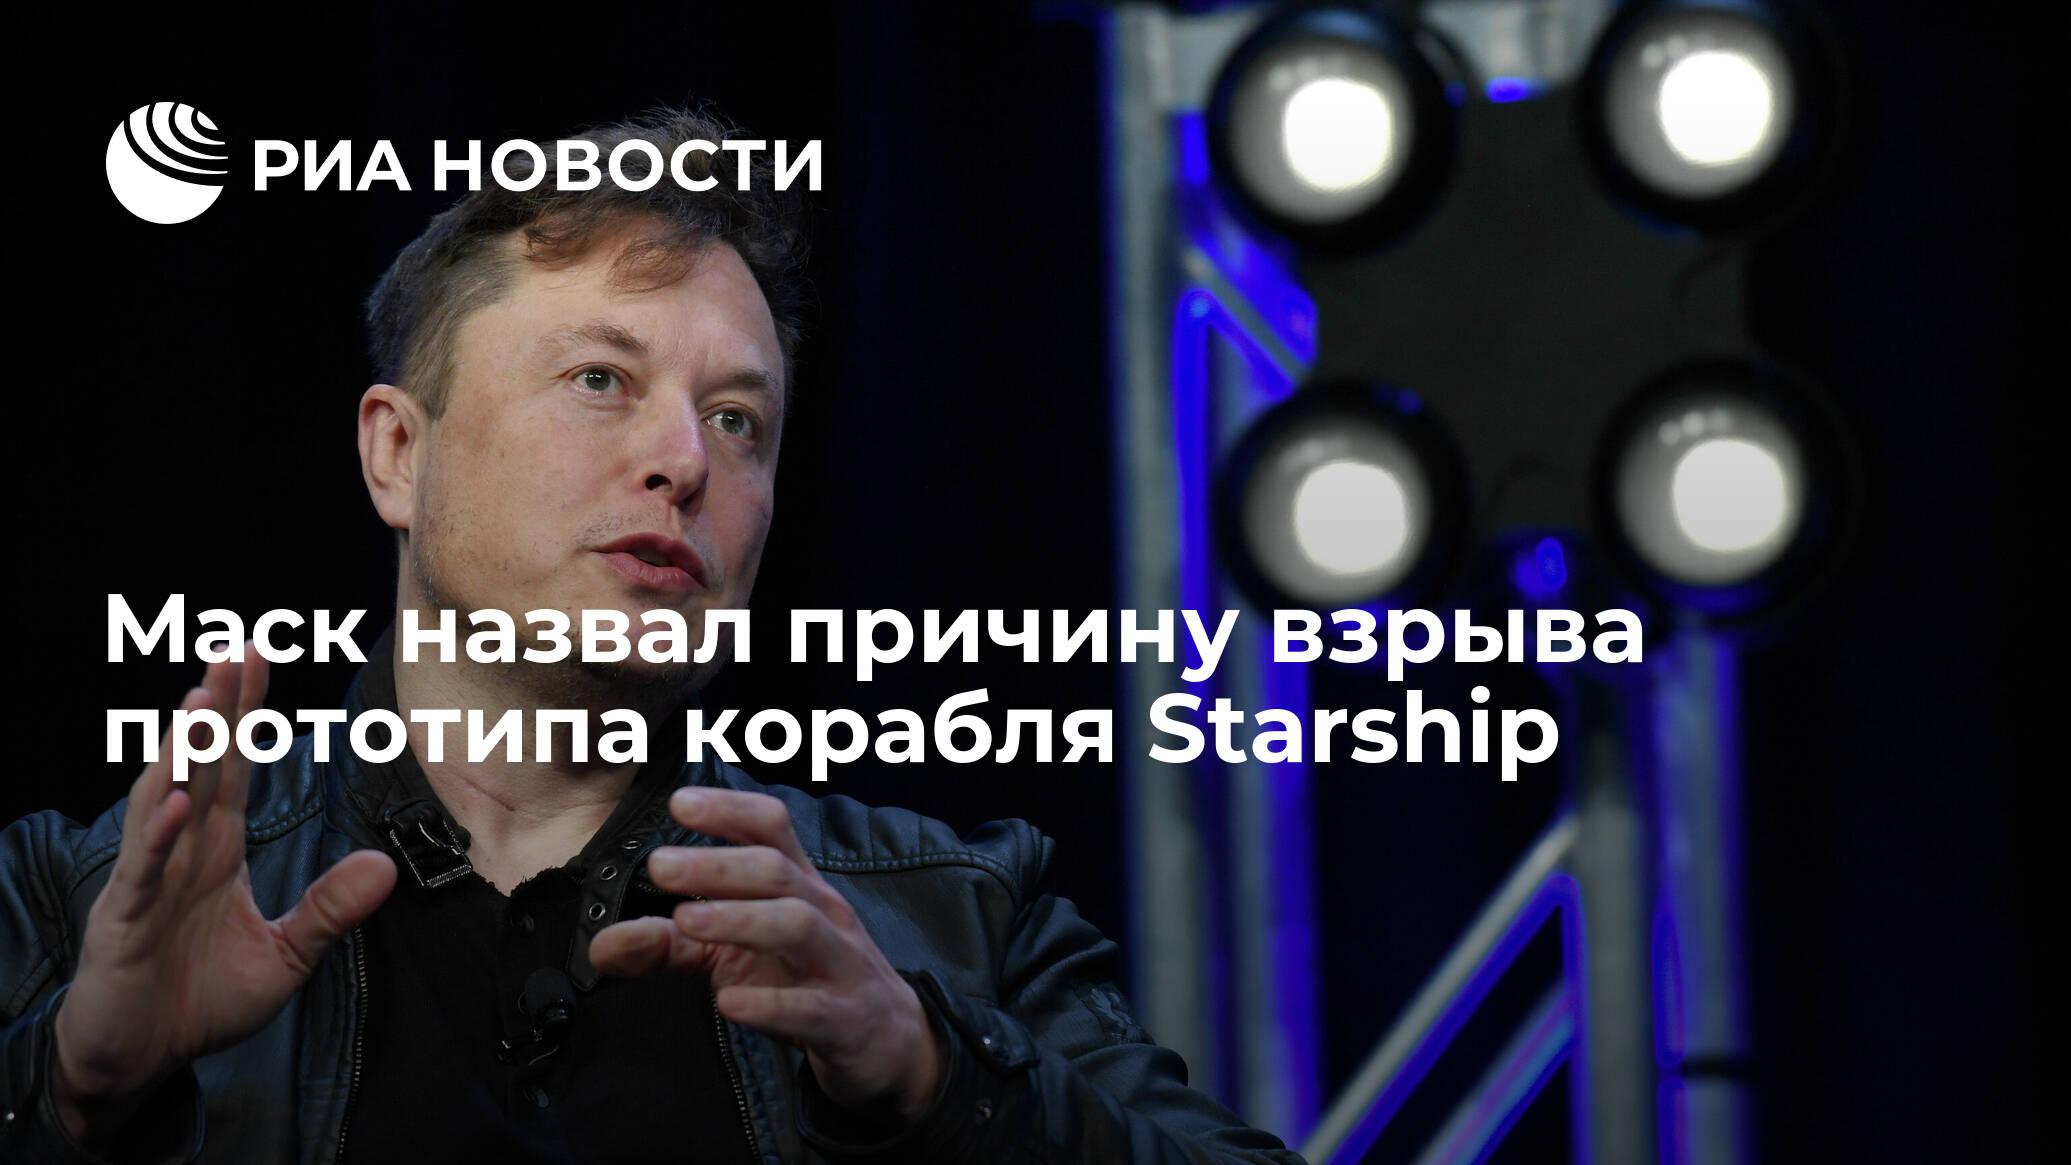 Маск назвал причину взрыва прототипа корабля Starship